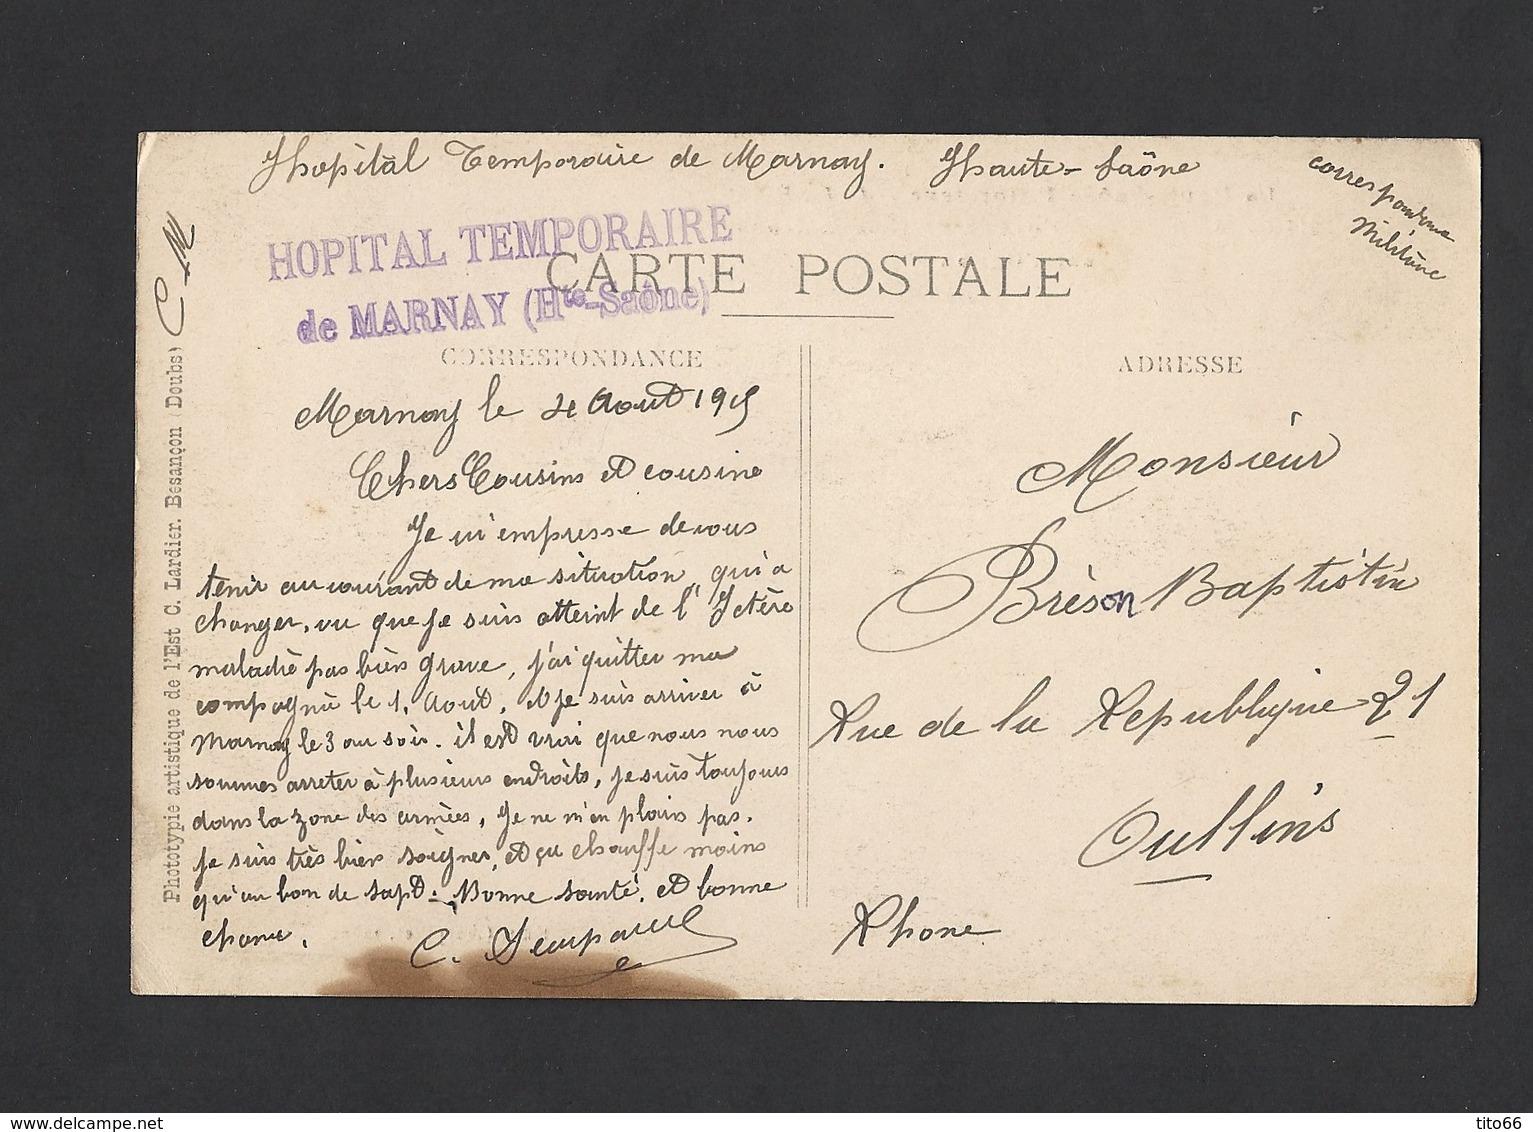 Carte Postale De Marnay Du 4/8/1915 Tampon Hôpital Temporaire De Marney - Marcophilie (Lettres)